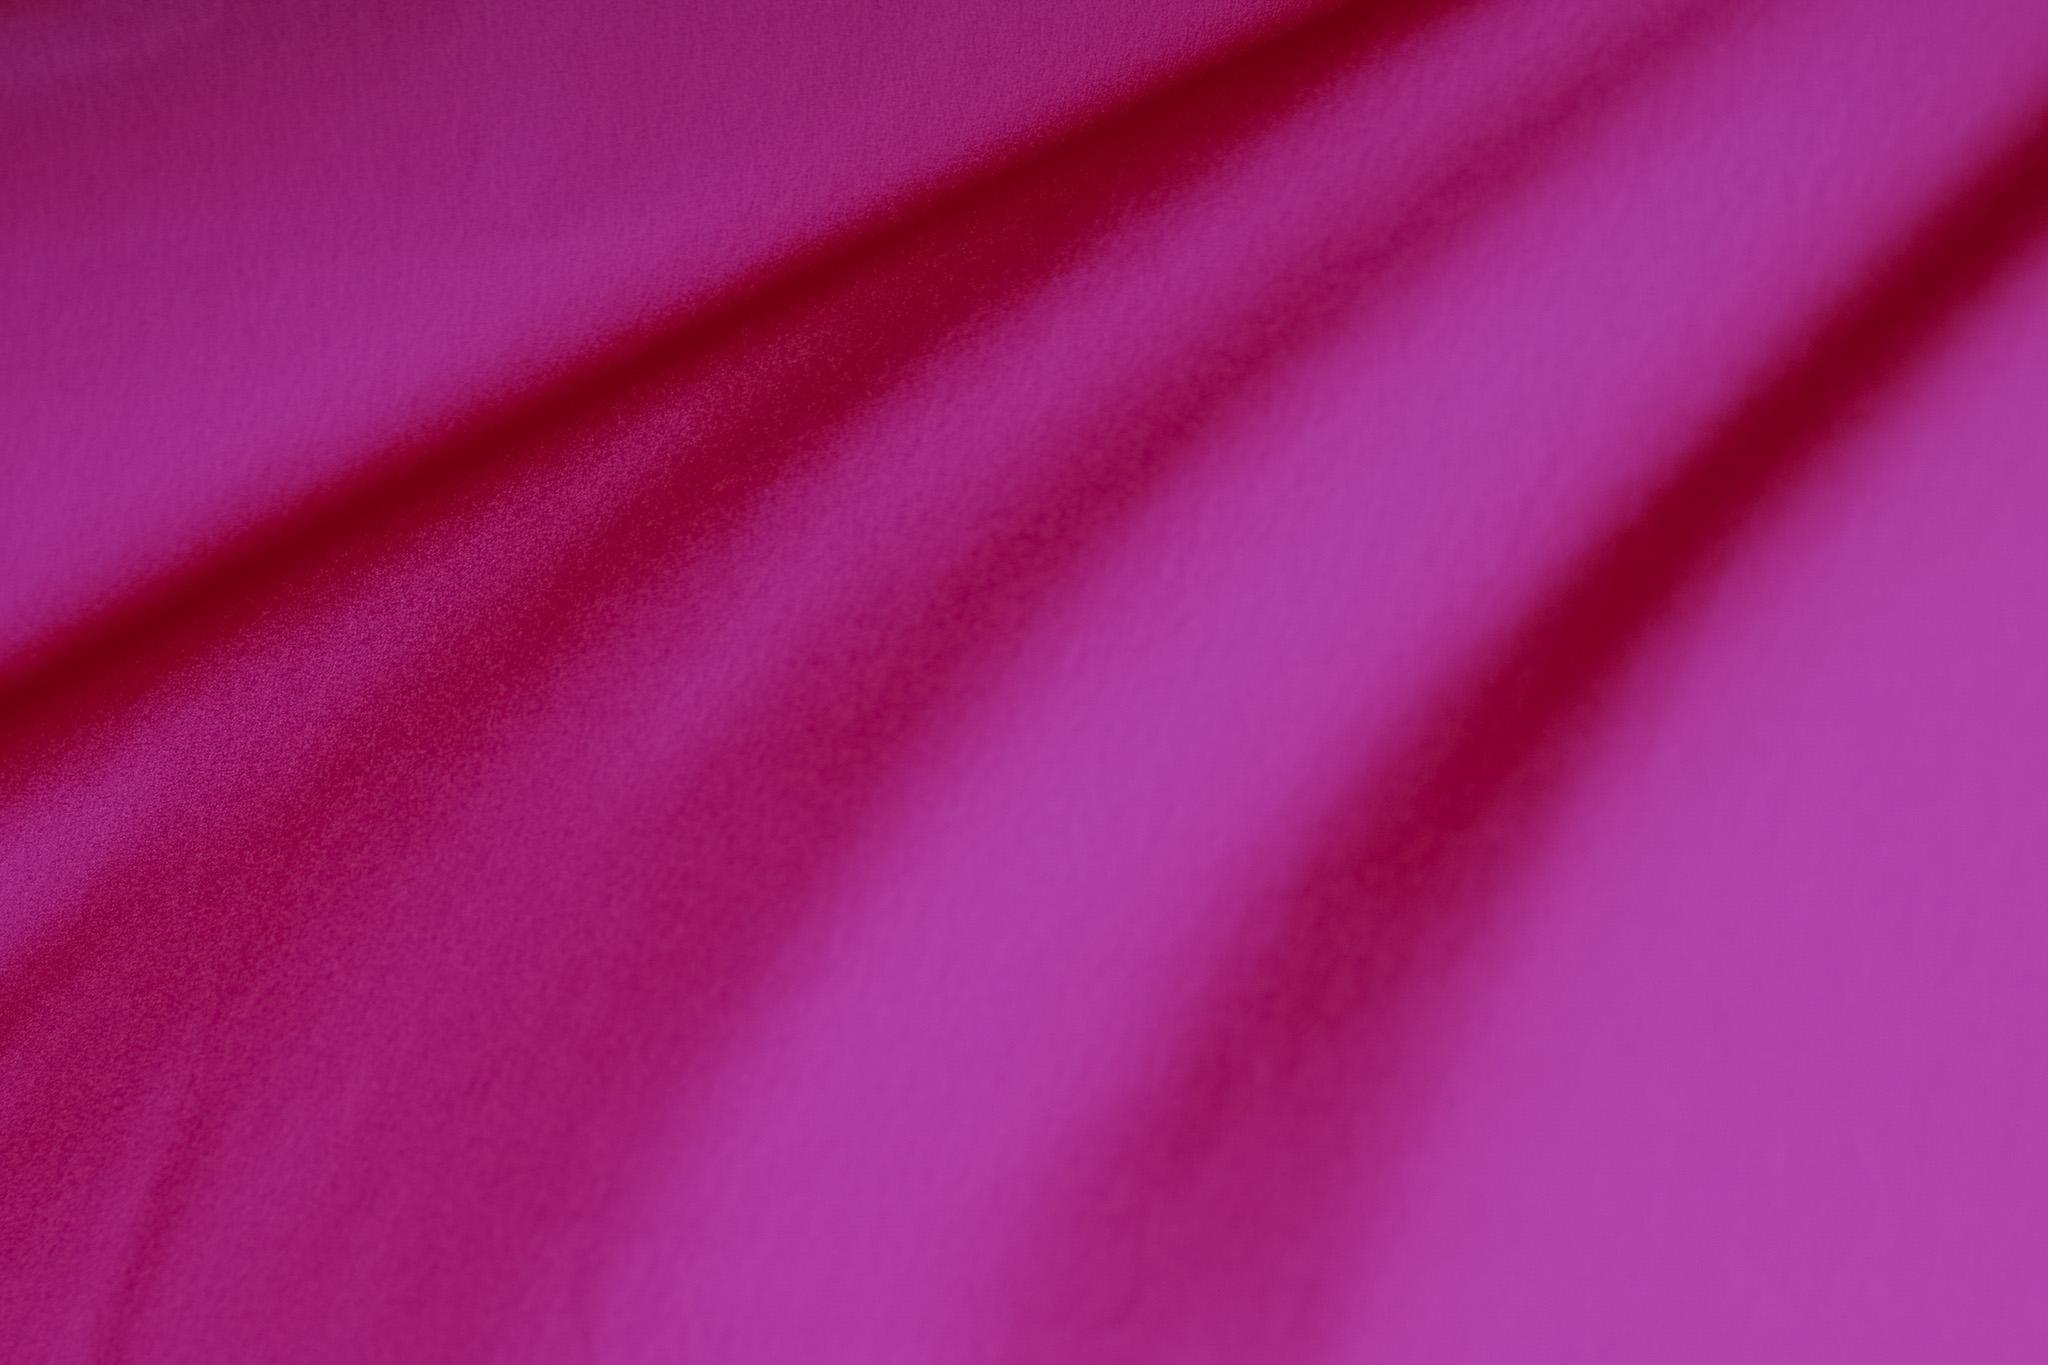 「柔らかな凹凸があるピンクの布地」の素材を無料ダウンロード